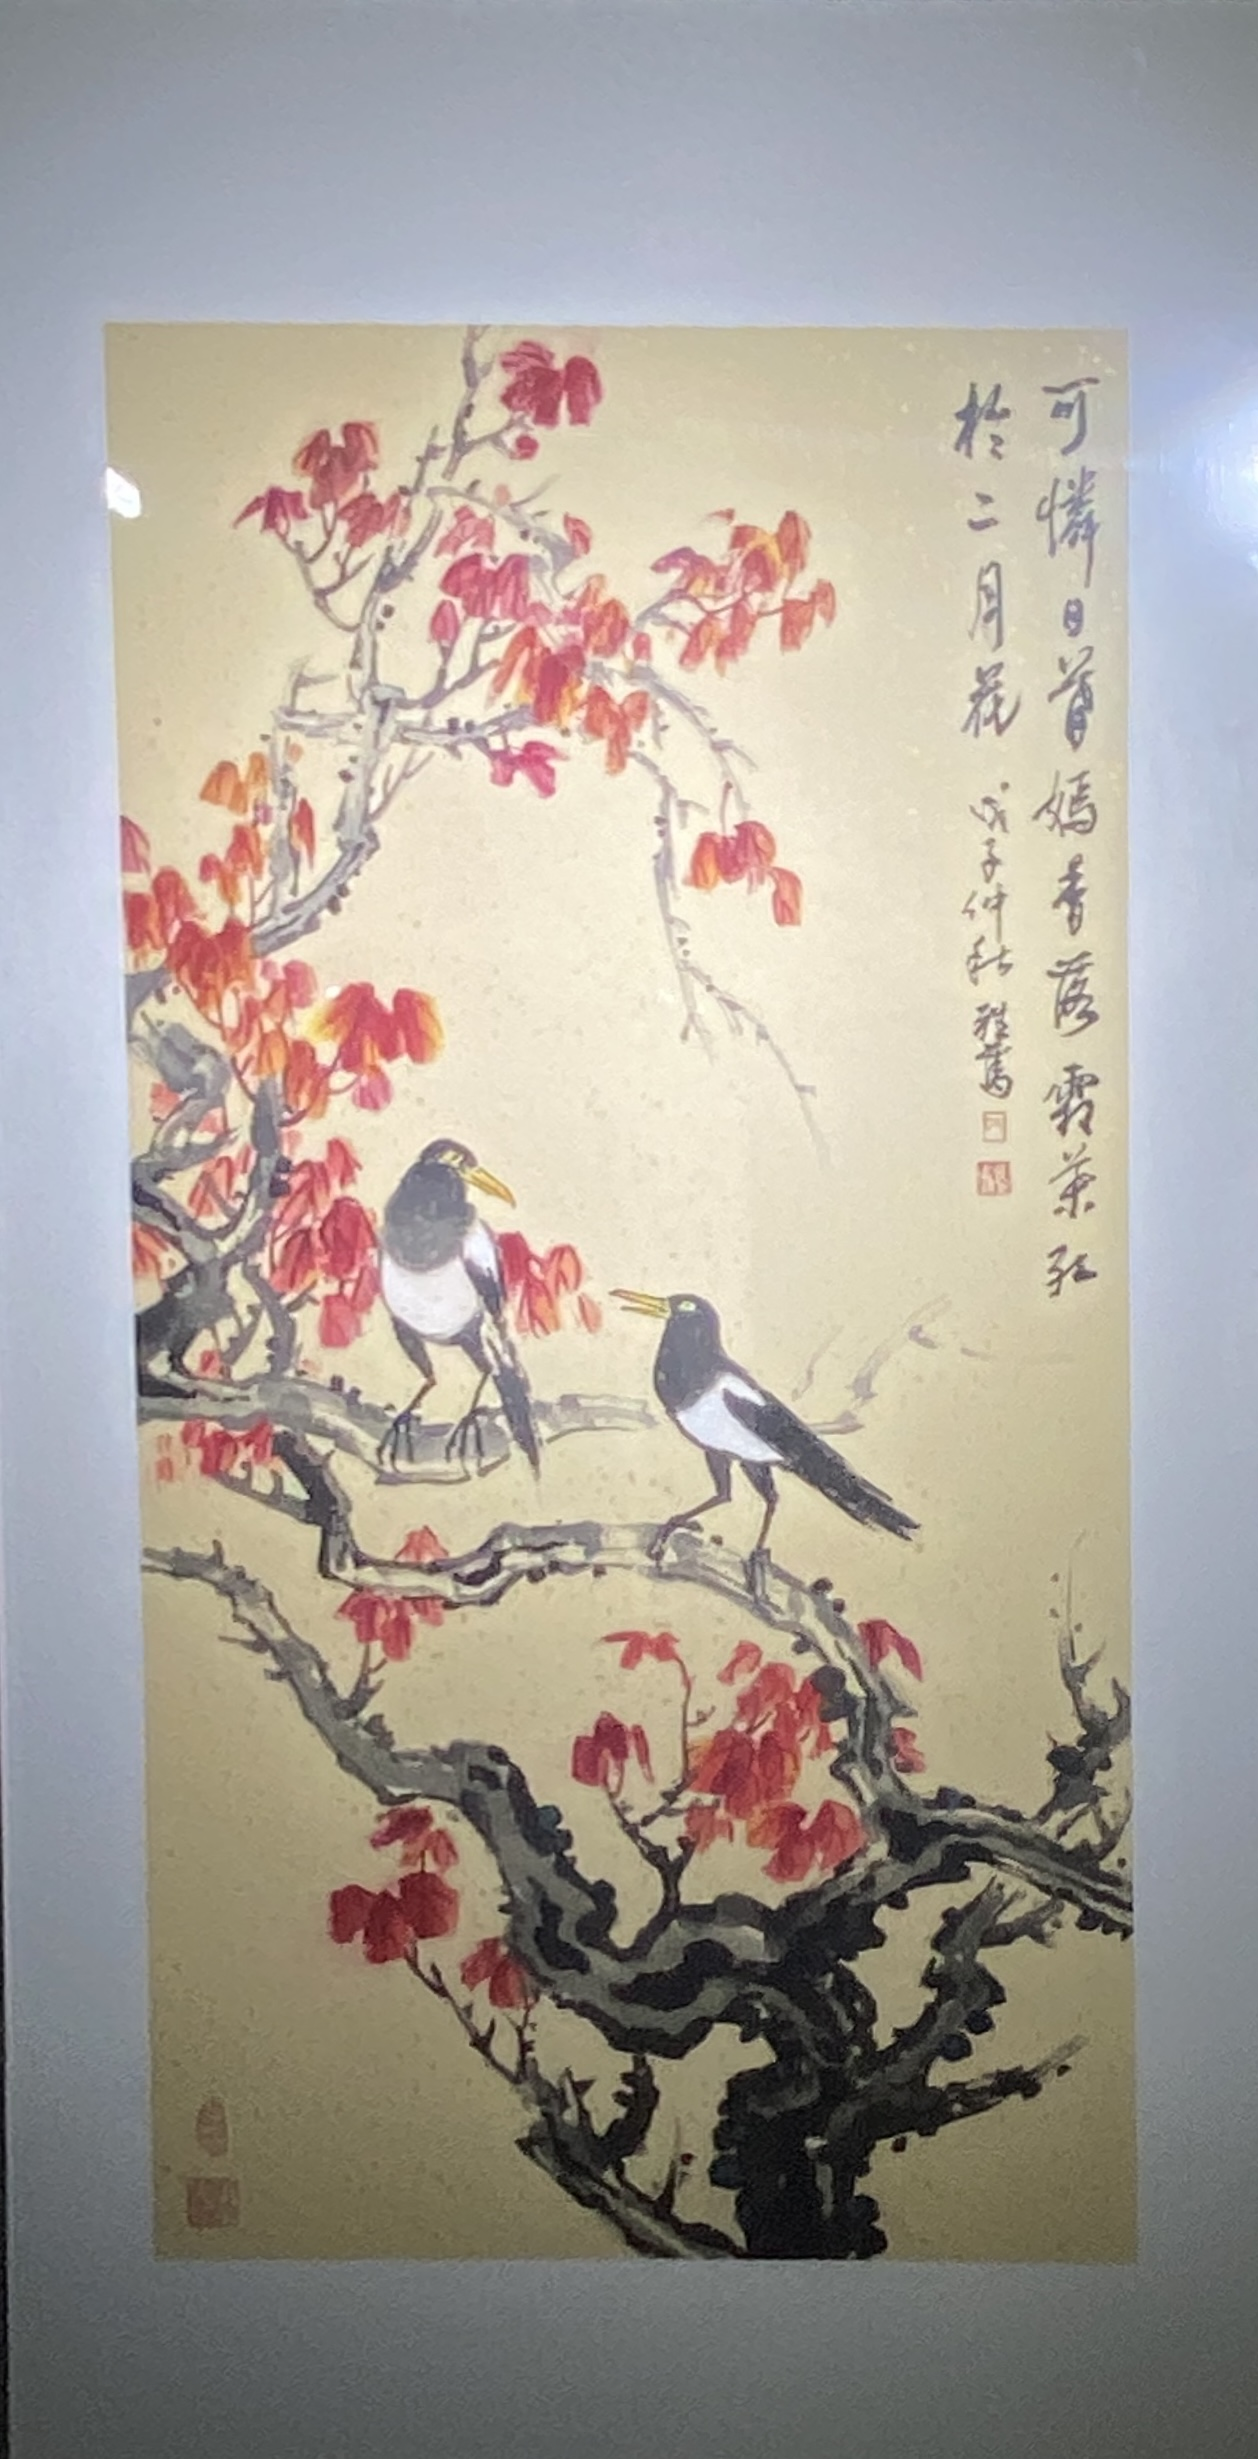 霜葉紅於二月花-2008-中国画-137×70-「丹青を振りかけ、詩情を送る-何継篤個人書画展」成都市美術館